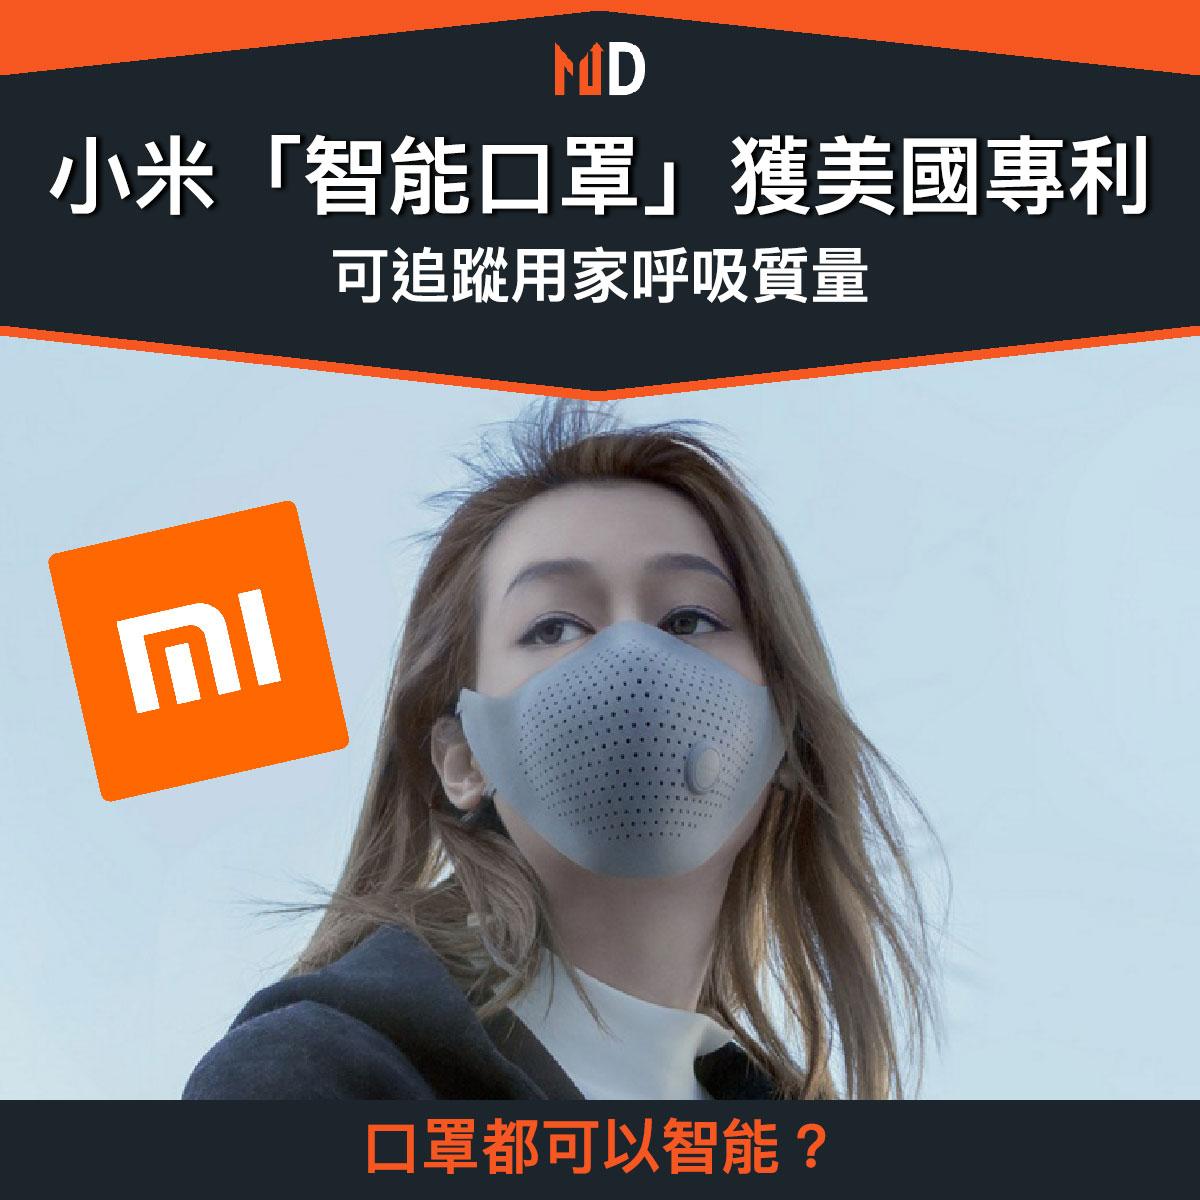 【市場熱話】小米「智能口罩」獲美國專利,可追蹤用家呼吸質量